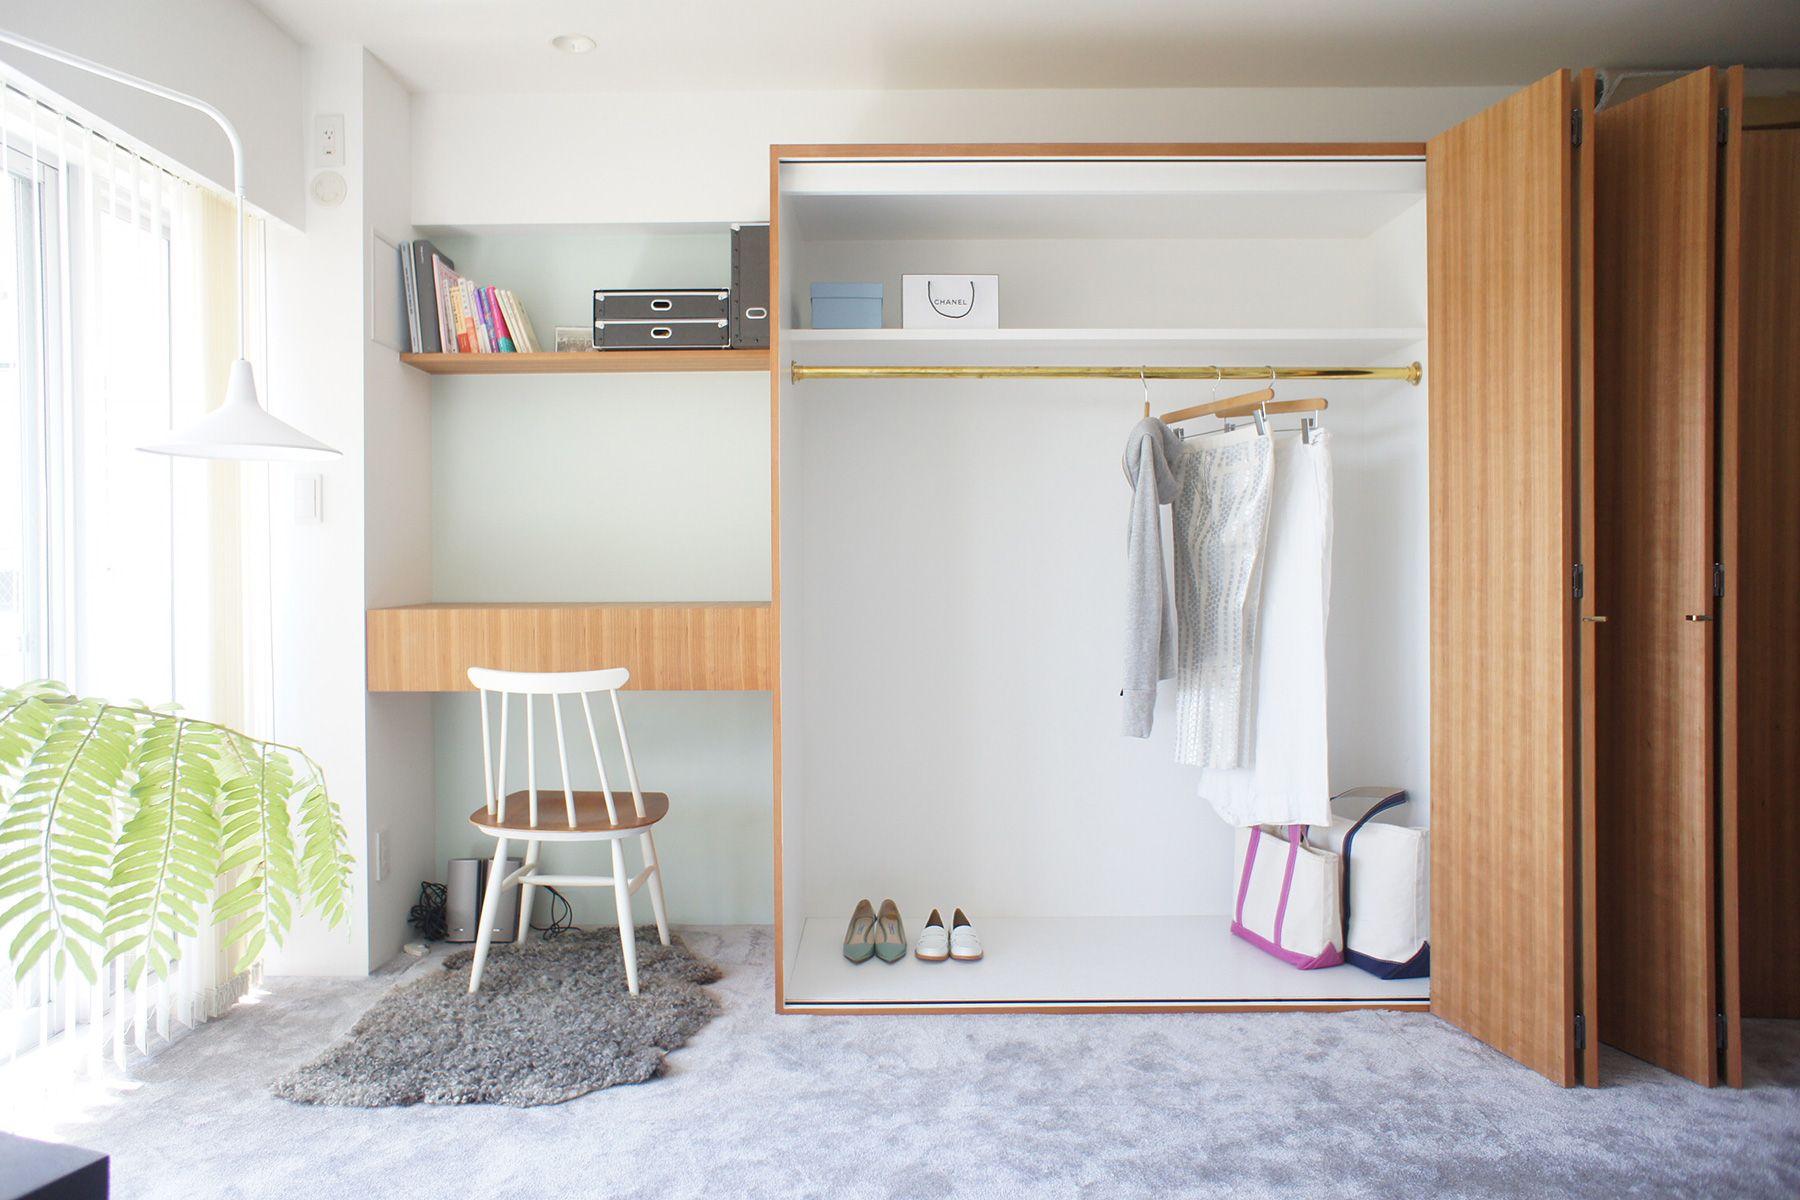 HOLIDAY APARTMENT/個人宅 (ホリデイアパートメント)クローゼットは左半分のみ利用可